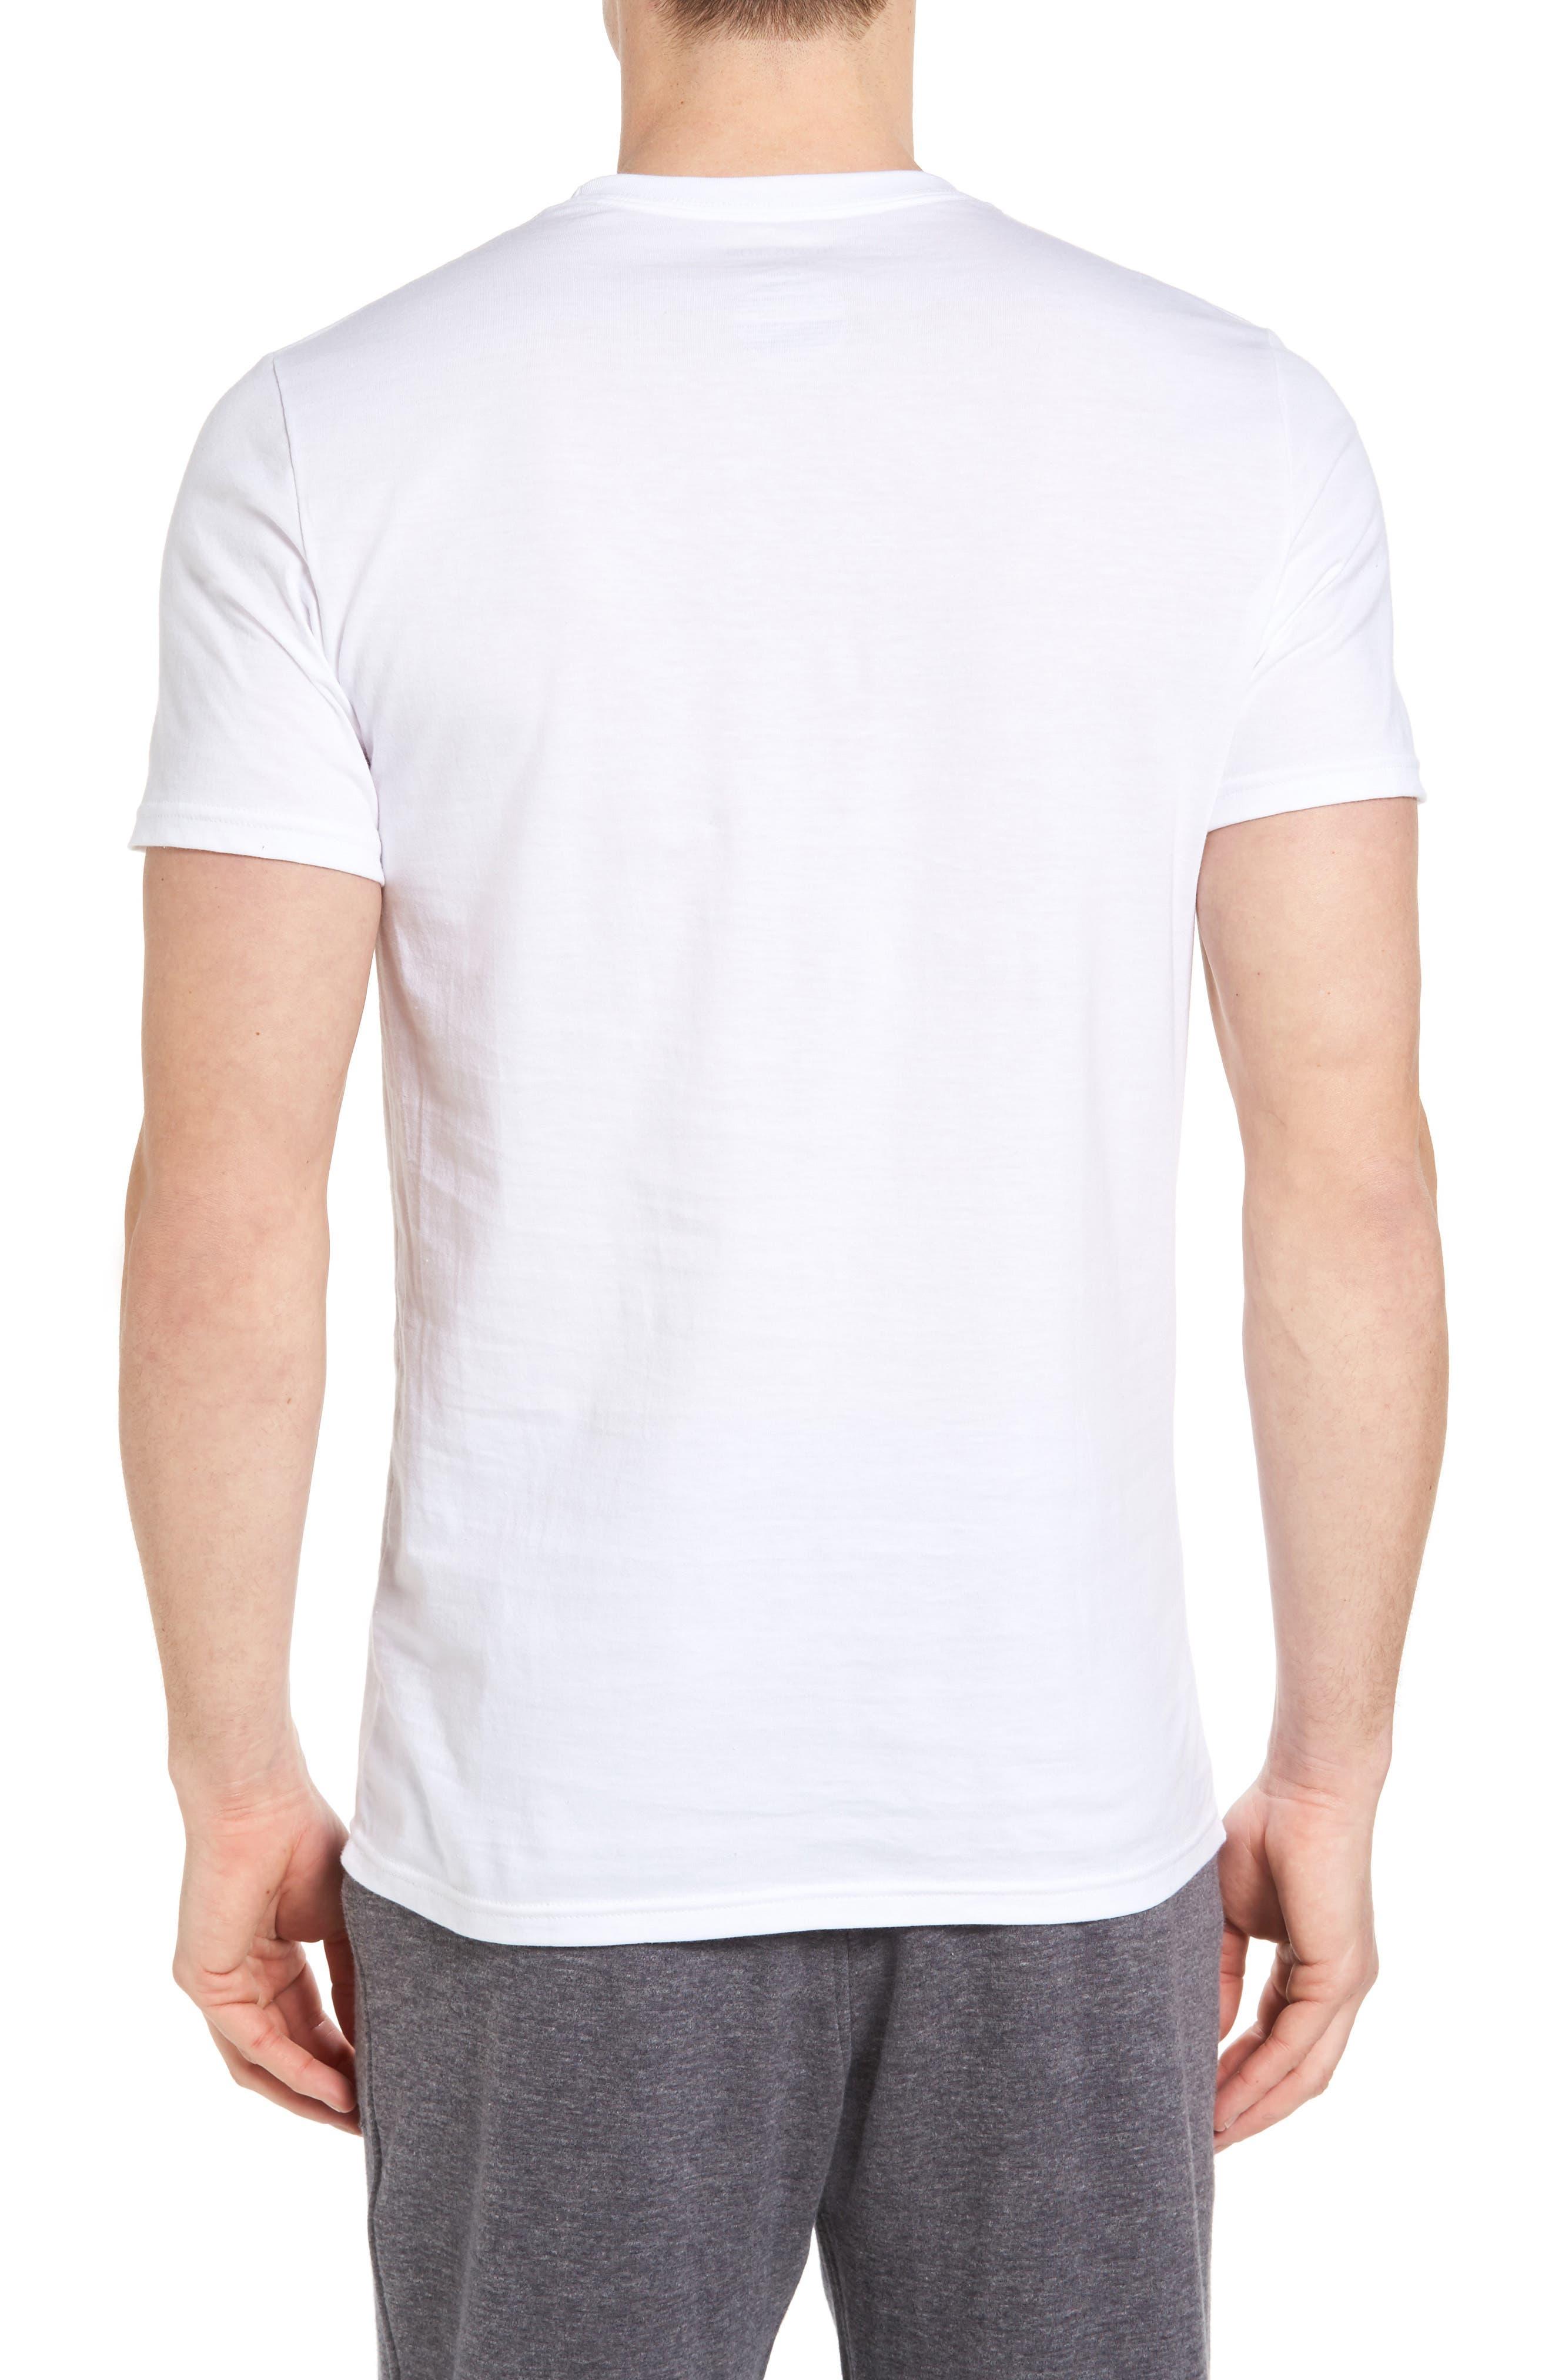 NORDSTROM MEN'S SHOP, 4-Pack Trim Fit Supima<sup>®</sup> Cotton Crewneck T-Shirt, Alternate thumbnail 3, color, WHITE